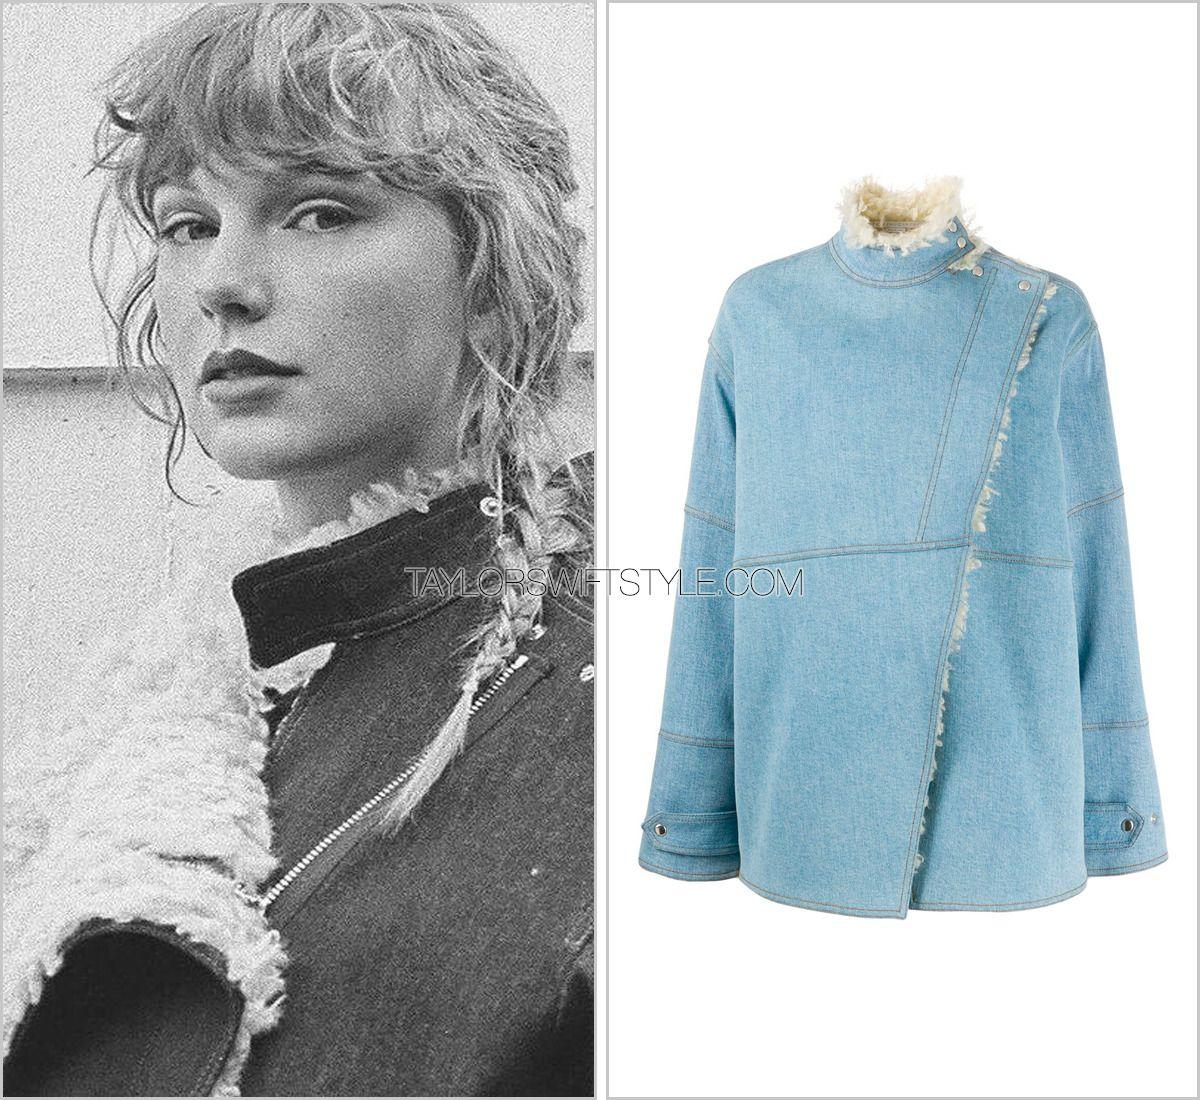 Taylor Swift Style Taylor Swift Style Taylor Swift Taylor [ 1100 x 1200 Pixel ]